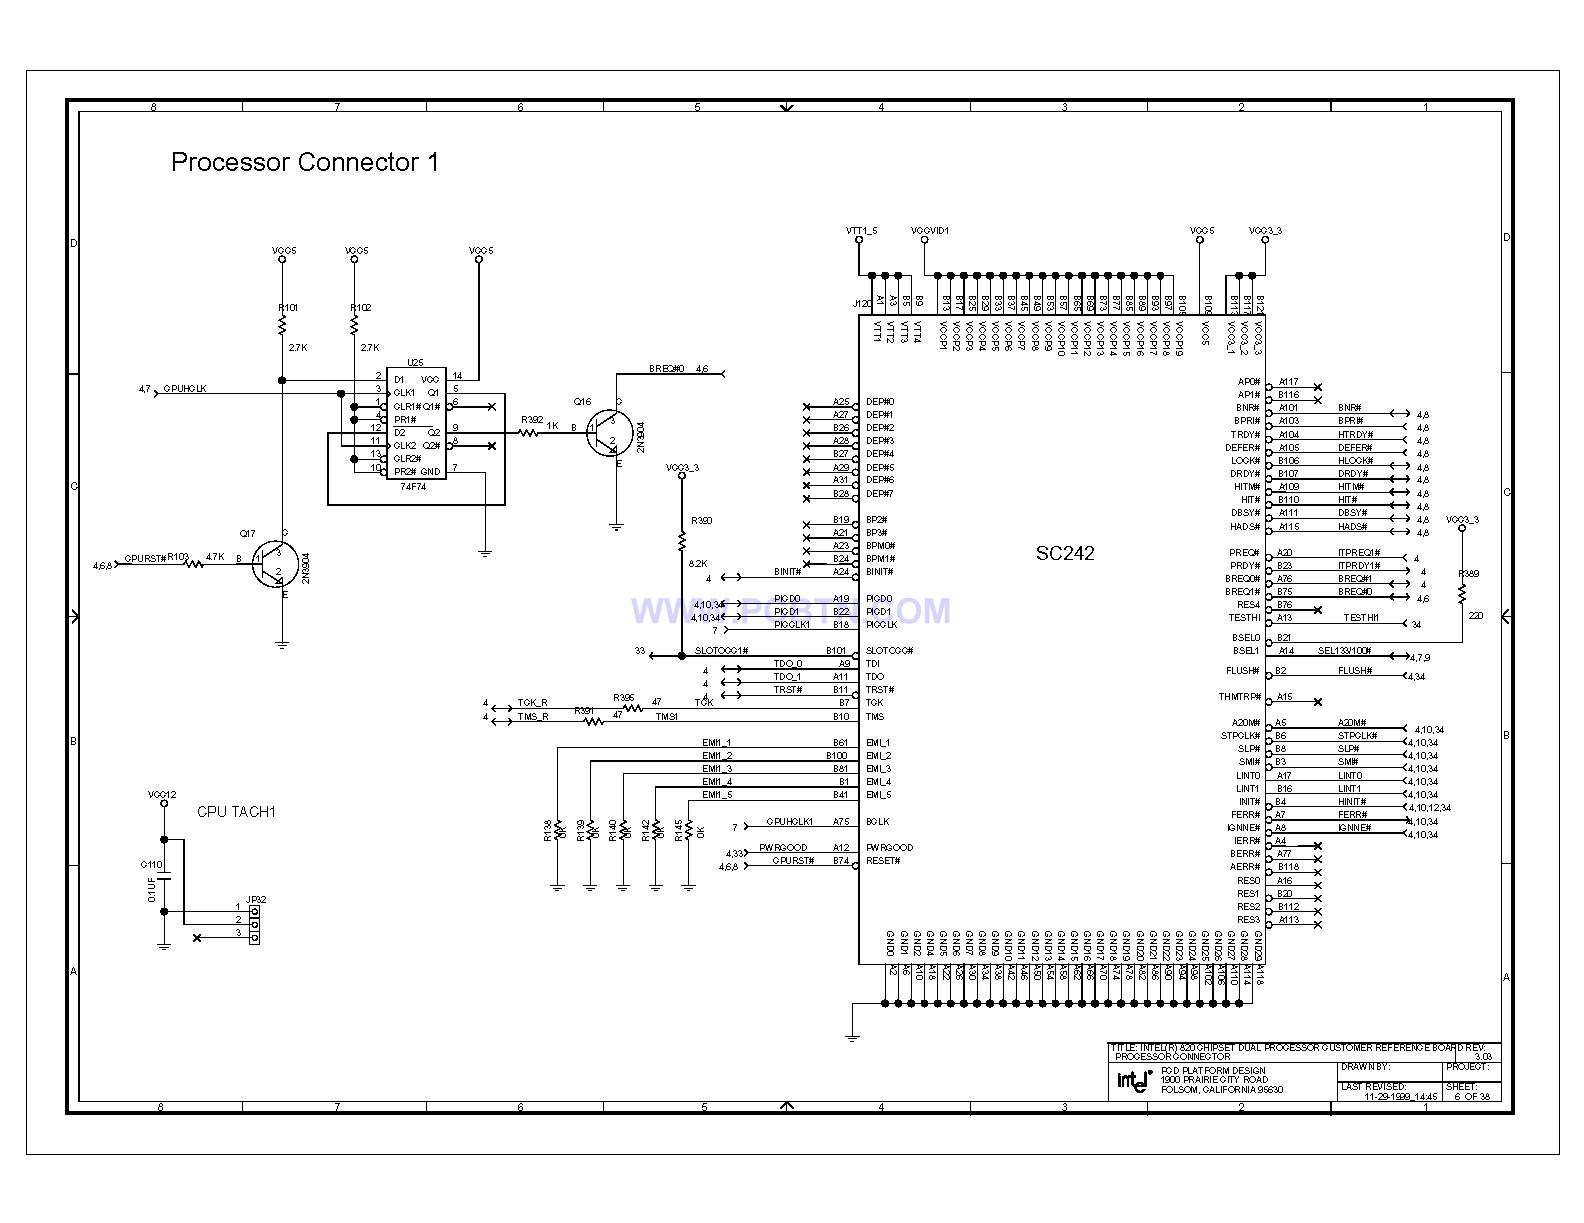 Intel 820e主板处理器连接器电路图